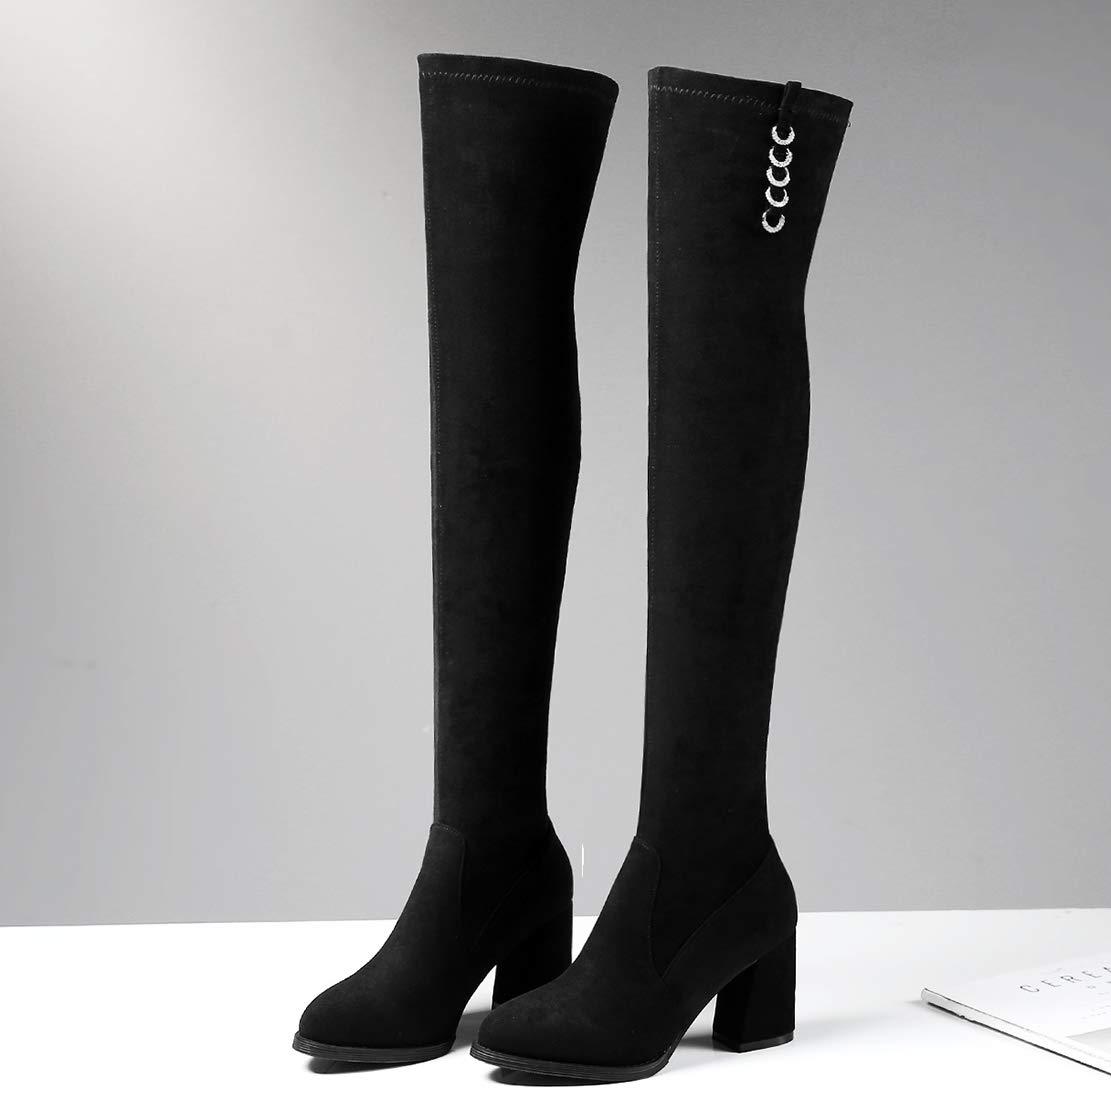 AIYOUMEI Damen Stretch Overkneestiefel High Heels Overknee Stiefel Stiefel Stiefel Blockabsatz Winterstiefel Langschaft Stiefel 3acf92